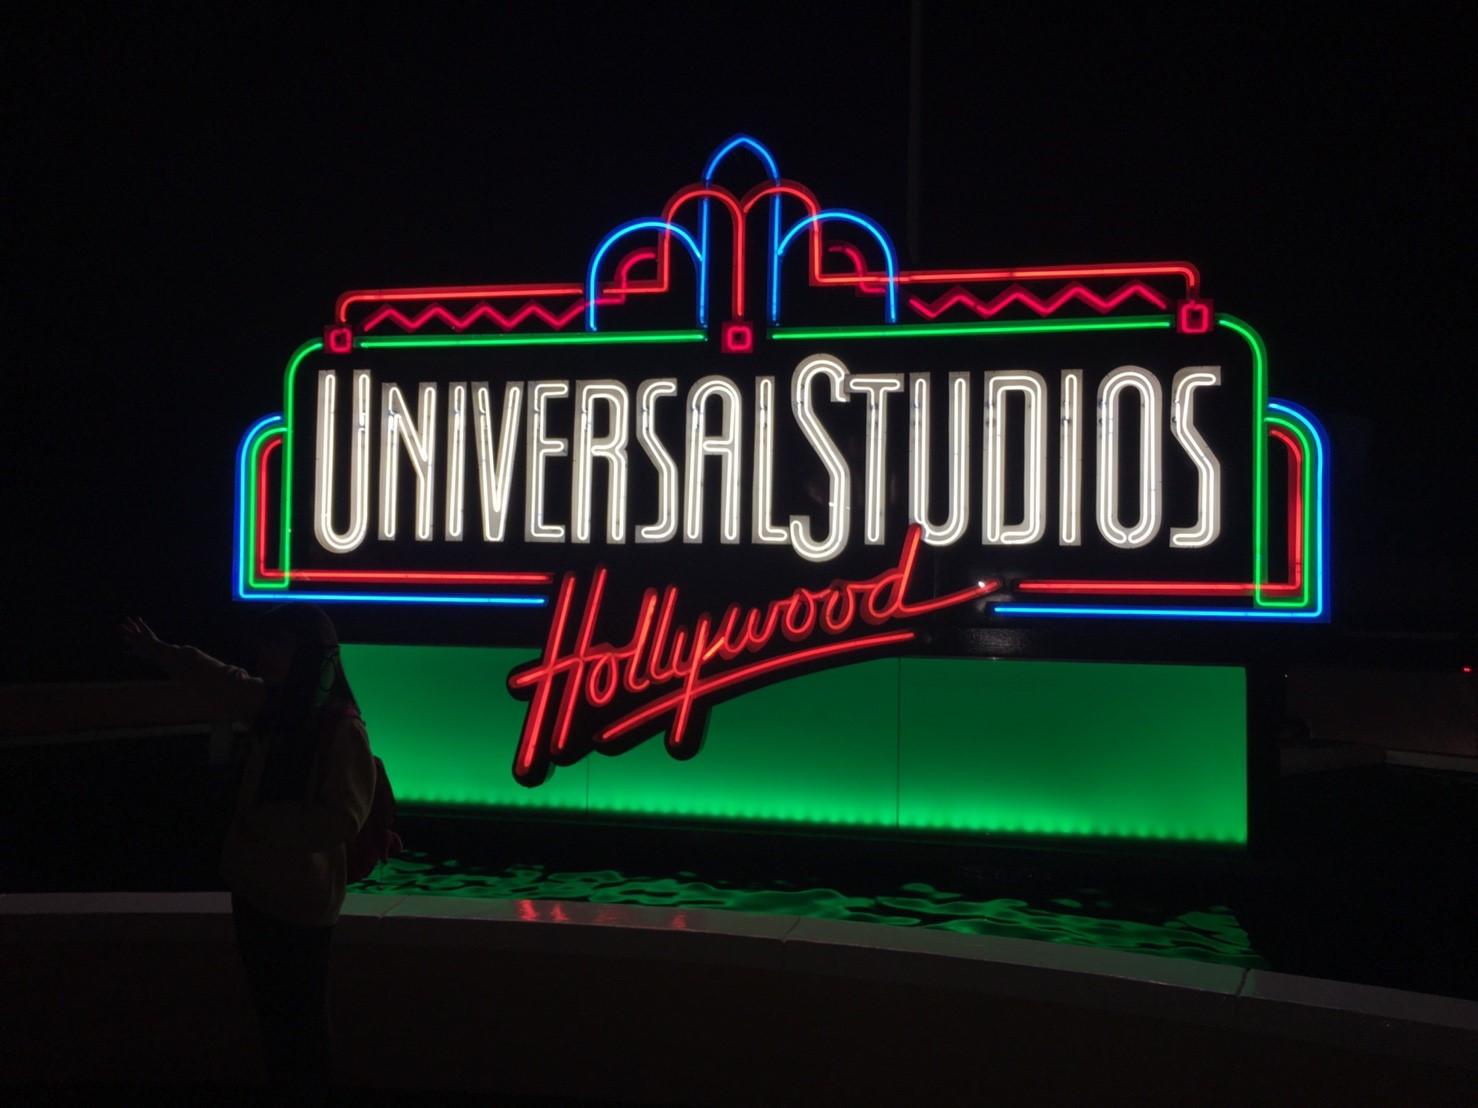 ユニバーサルスタジオハリウッド